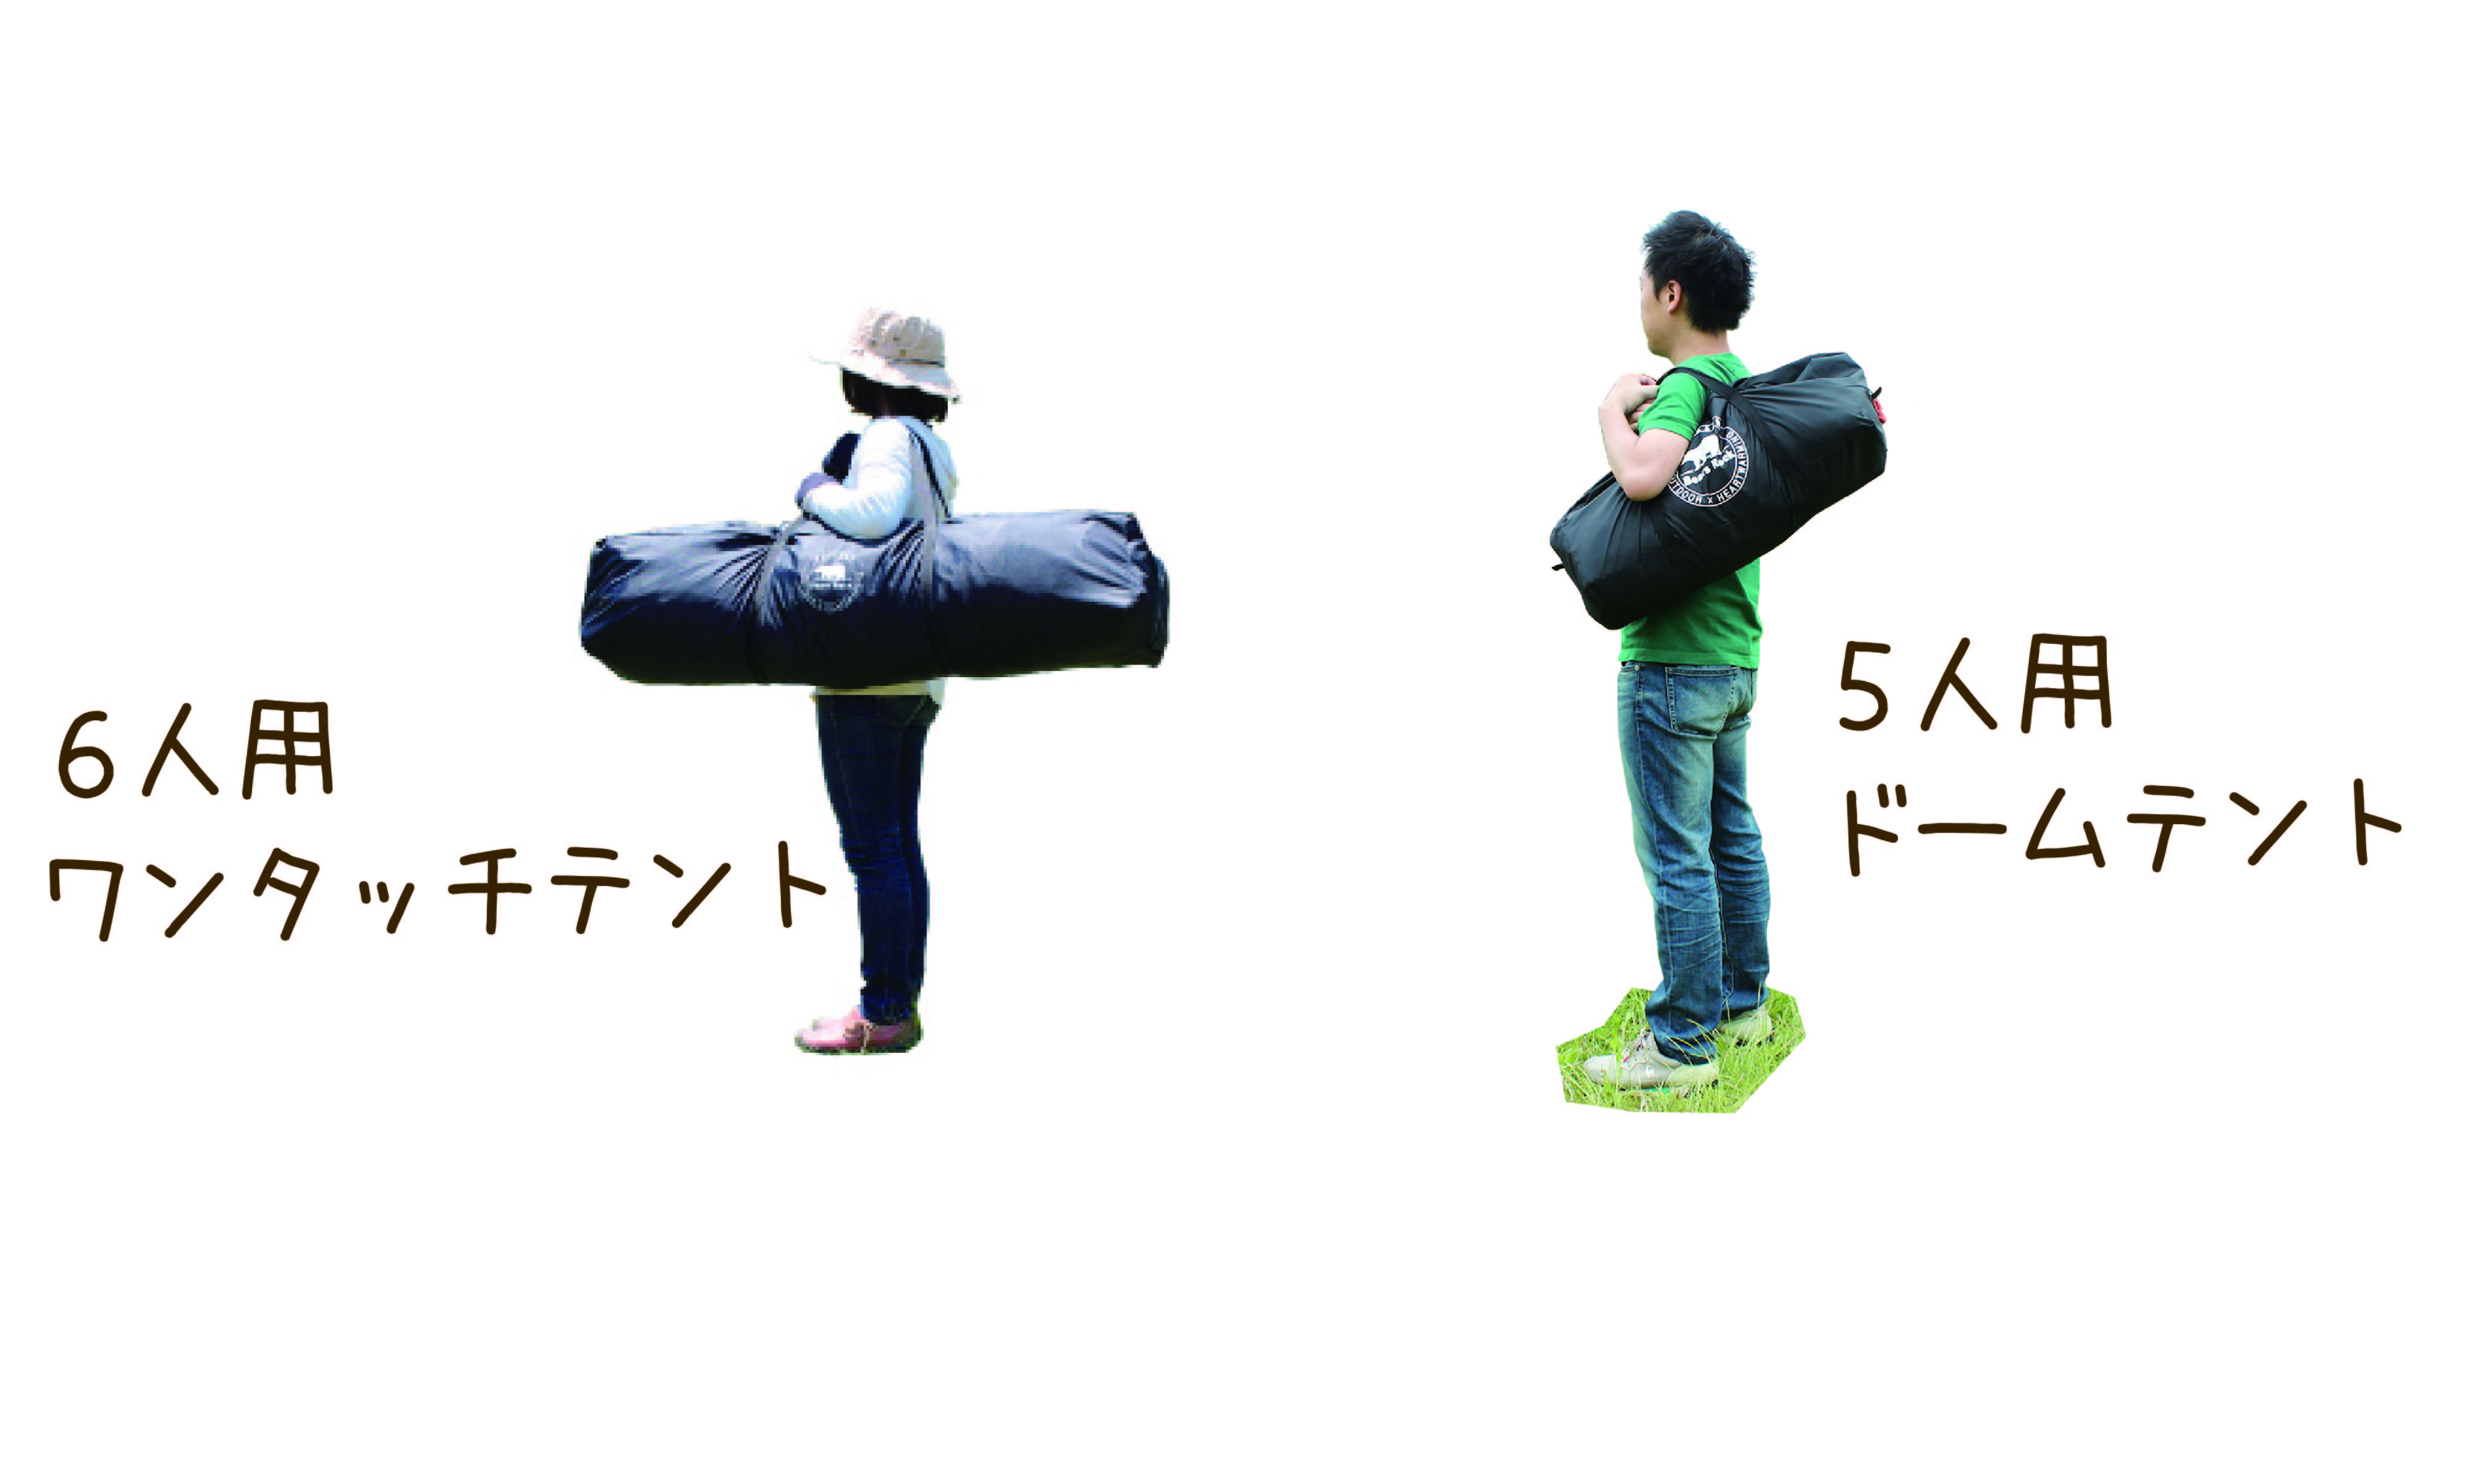 テントのサイズの比較画像